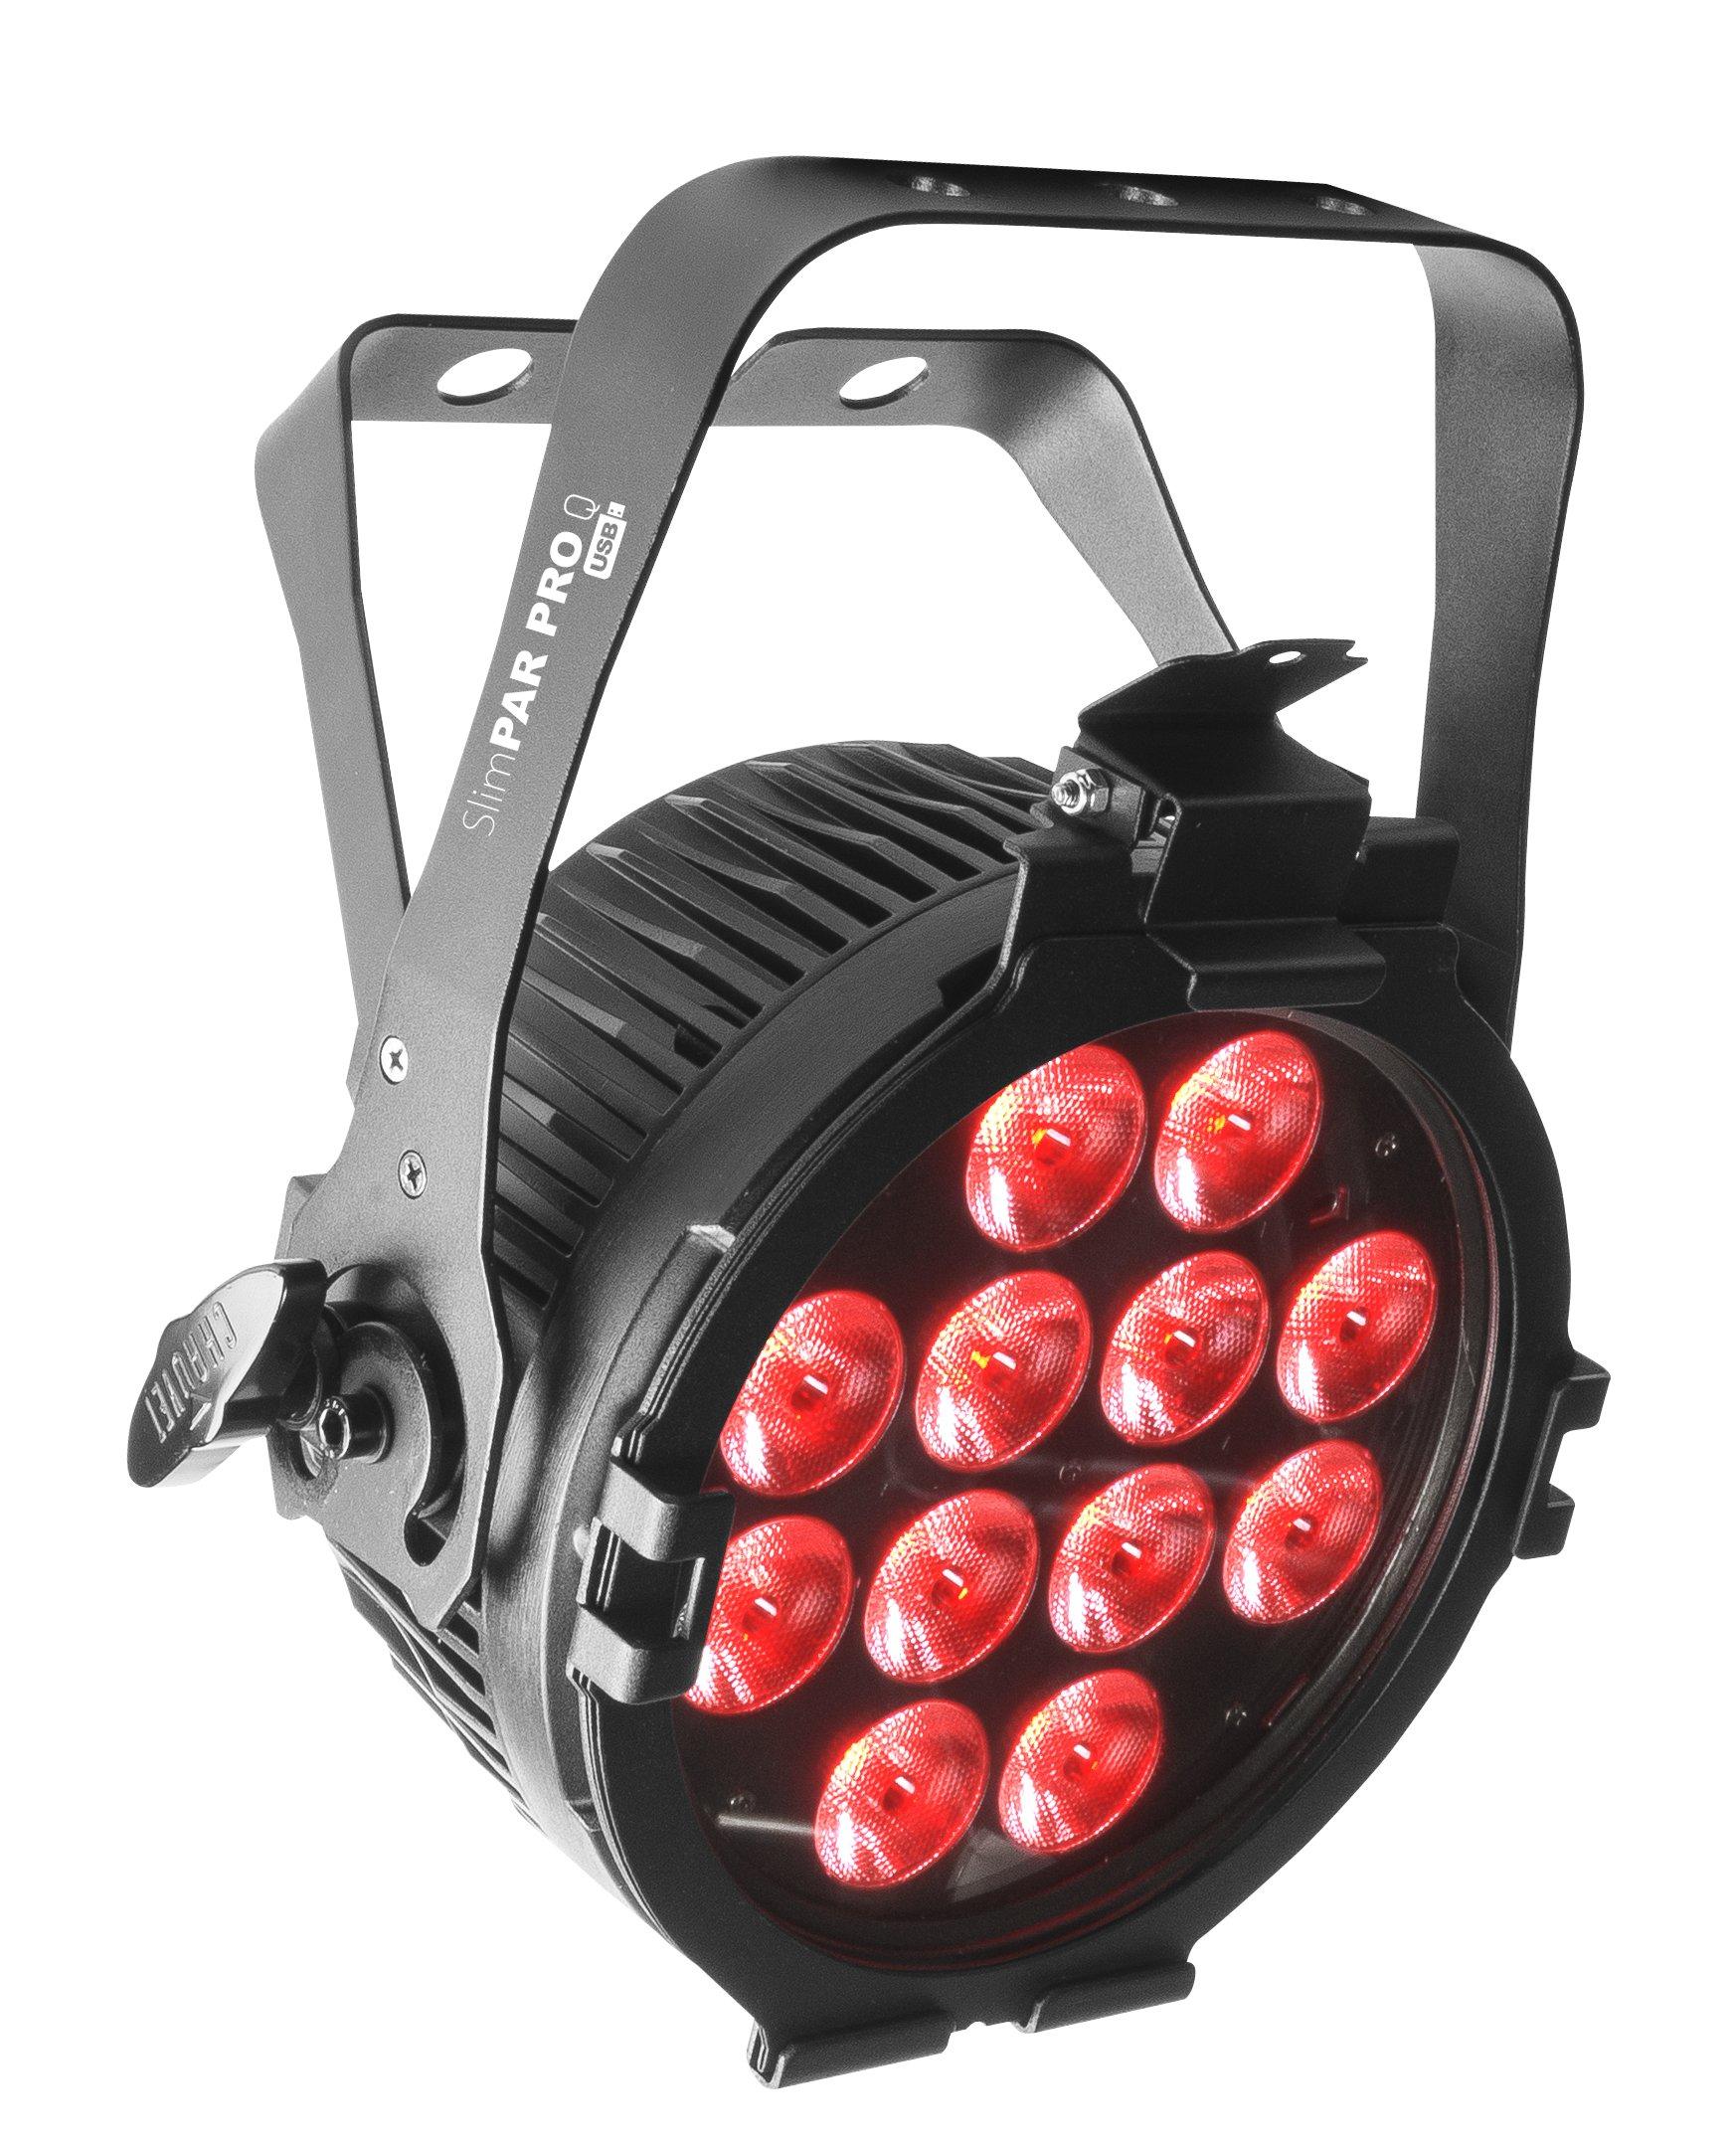 CHAUVET DJ SlimPAR Pro Q USB RGBA LED Low-Profile Par/High-Power Wash Light